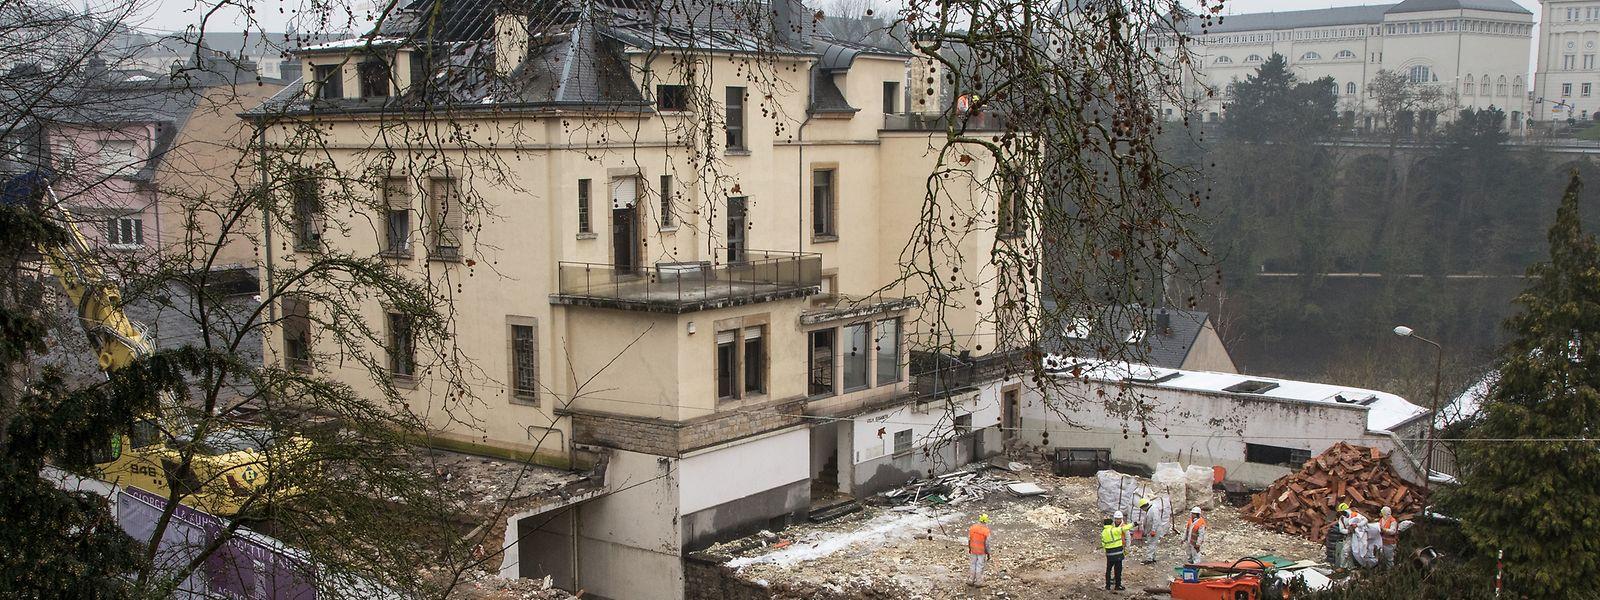 Im Februar dieses Jahres rollten die Bagger an, um die Villa dem Erdboden gleichzumachen.